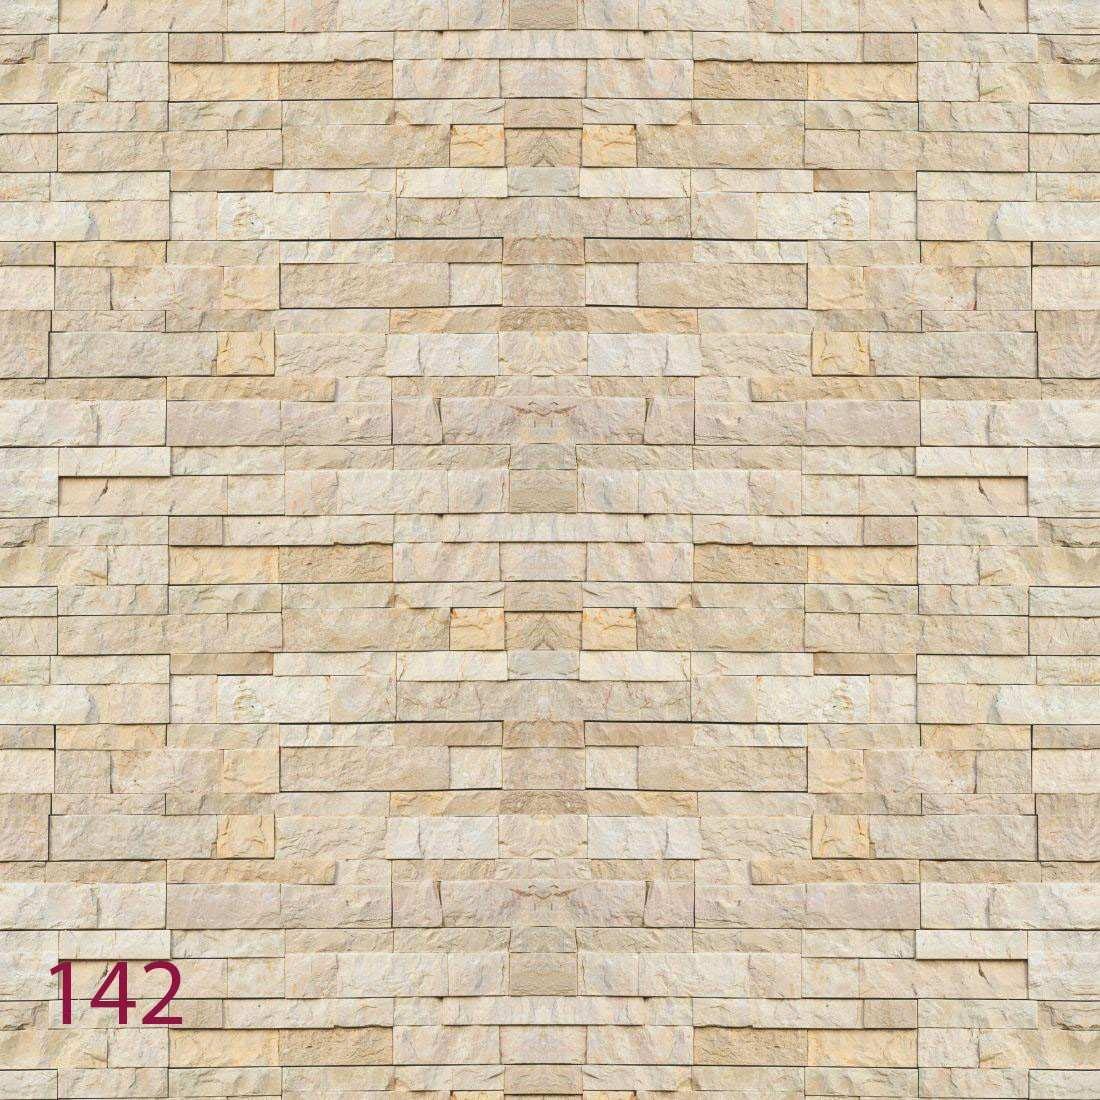 Papel de parede autocolante r 48 00 em mercado livre - Papel vinilico para paredes ...